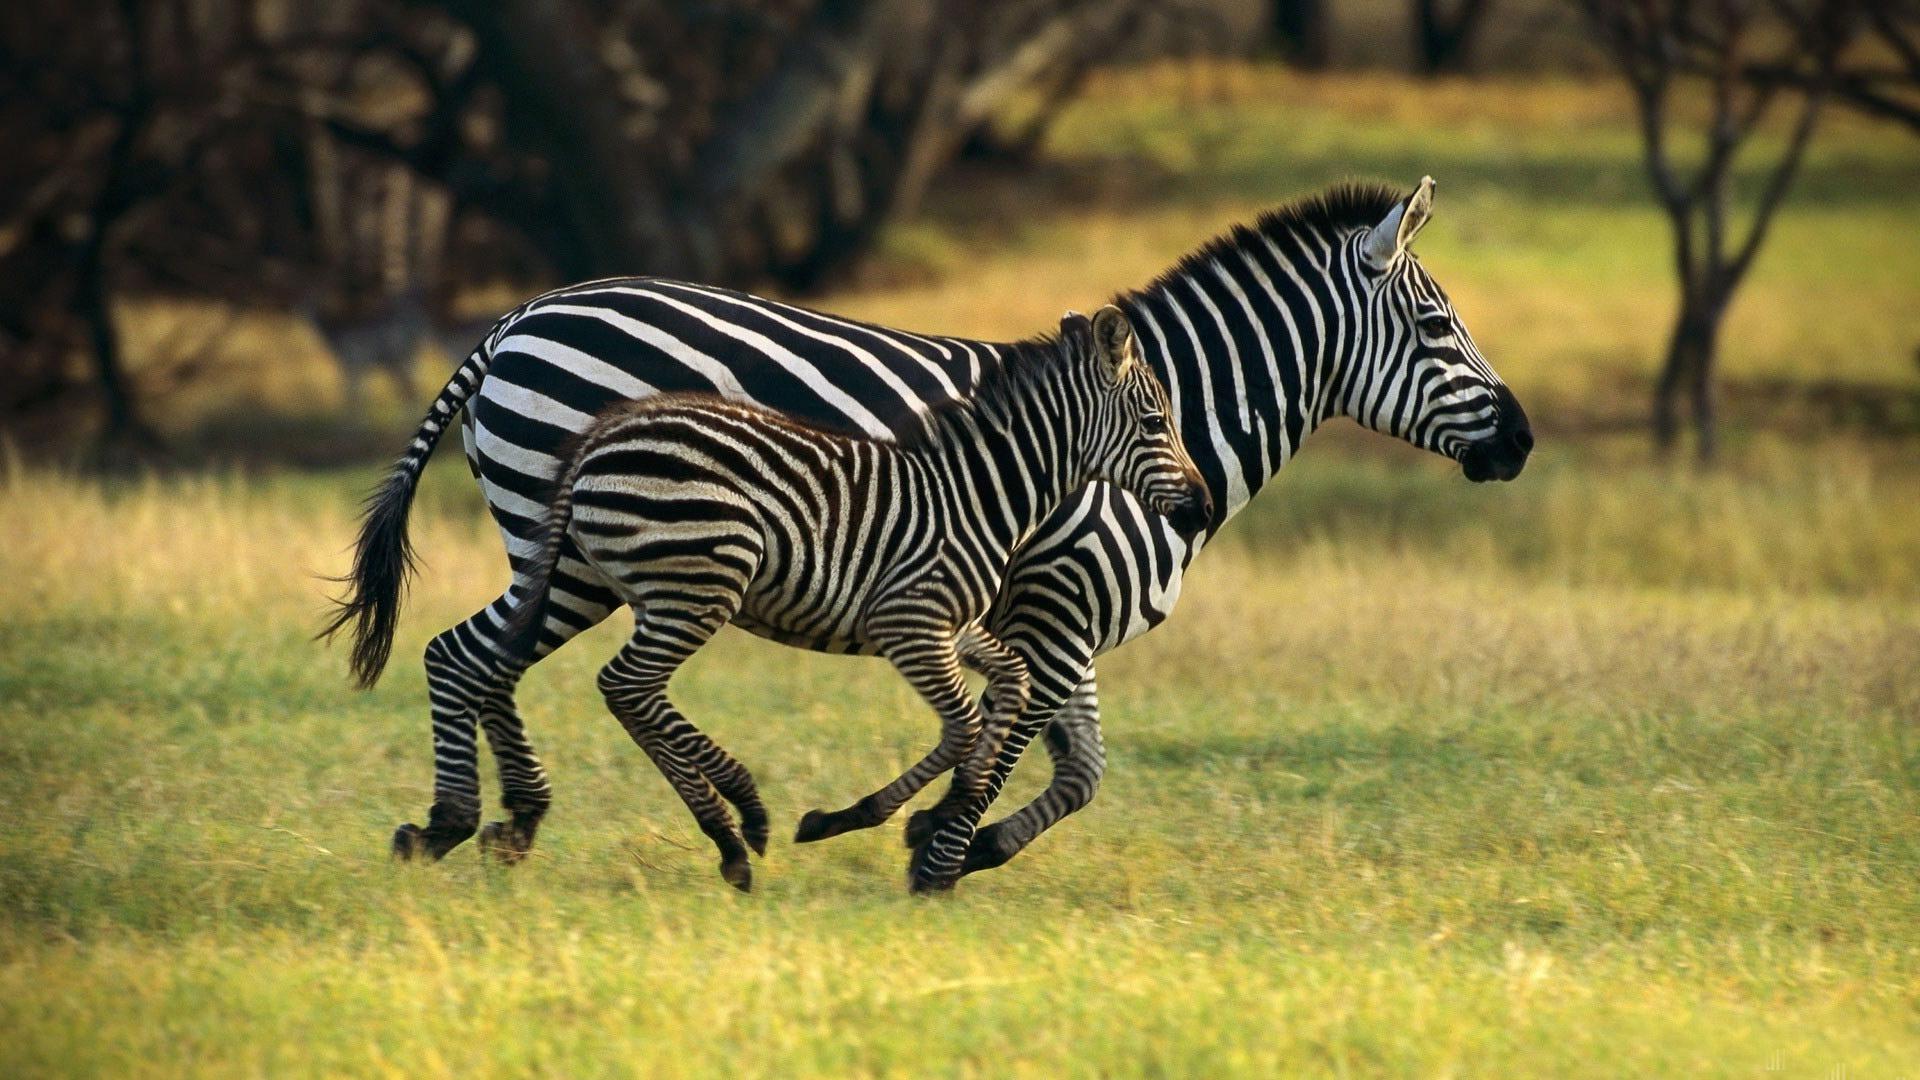 сеуч животных фото влюбляешься людей